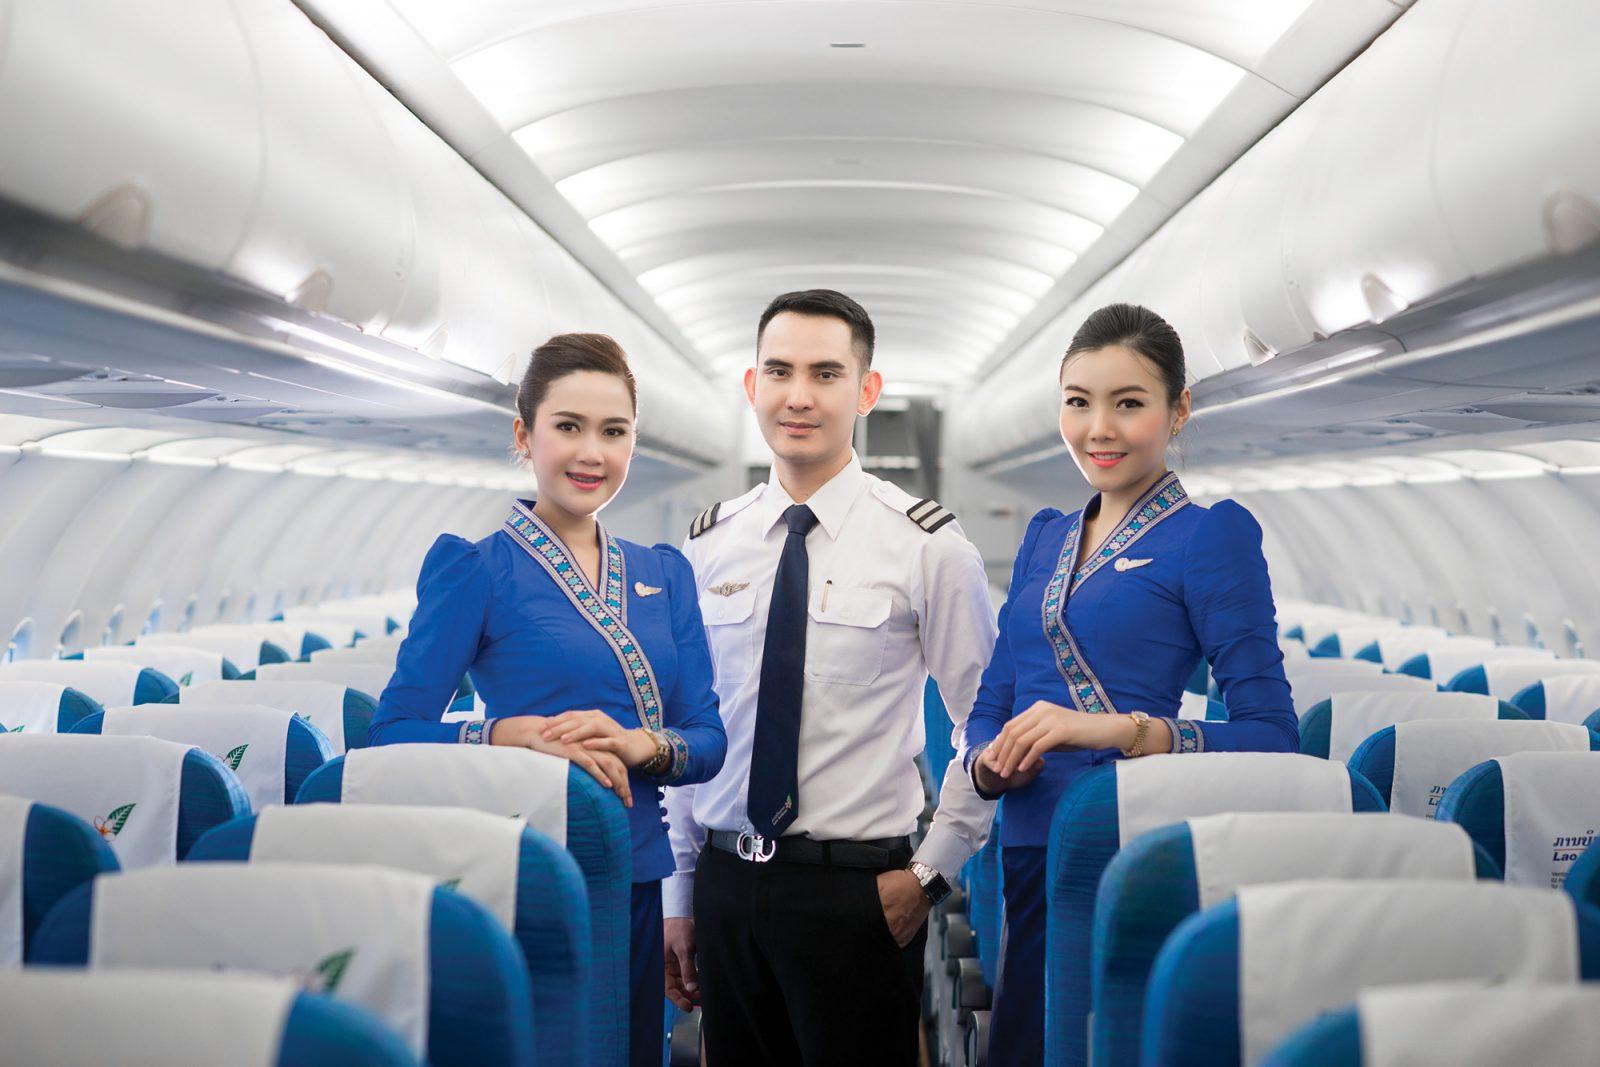 Sekolah Penerbangan Gorontalo Pspp Sekolah Penerbangan Indonesia Sekolah Pramugari